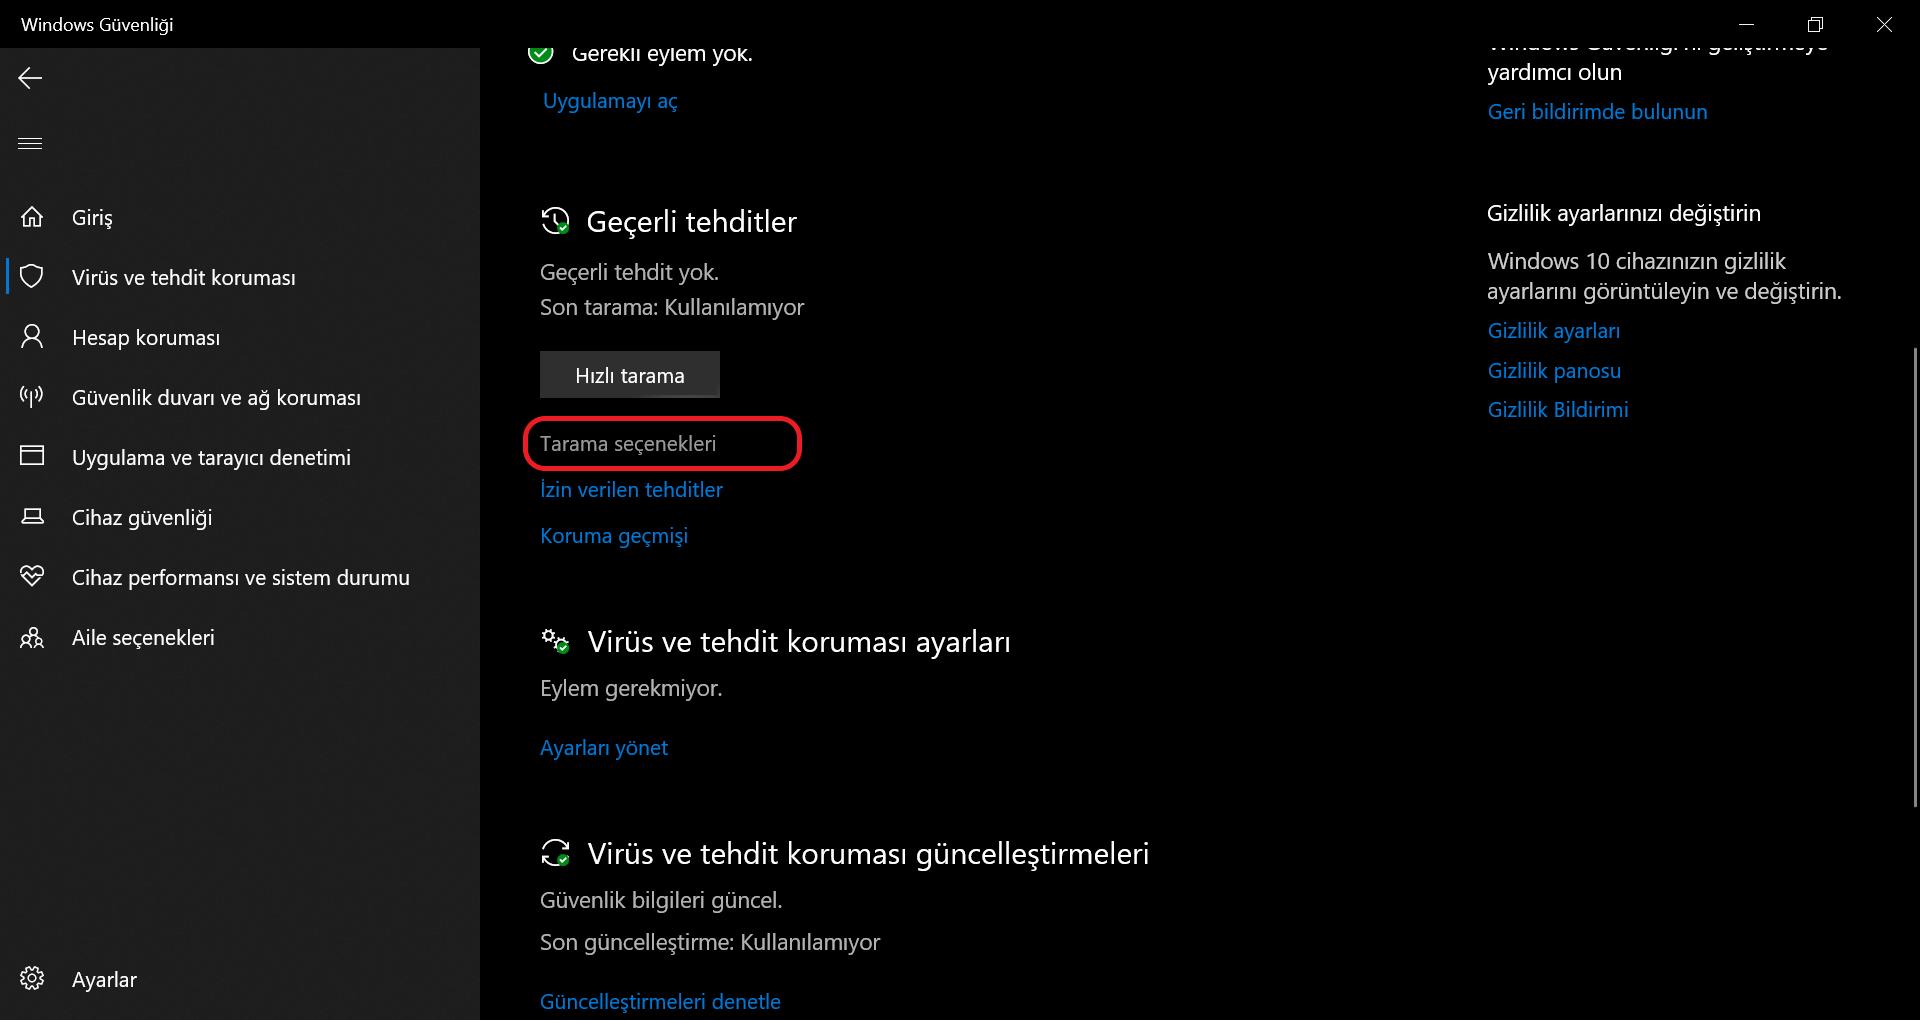 Güvendows güvenliği penceresinden tarama seçenekleri ekran görüntüsü